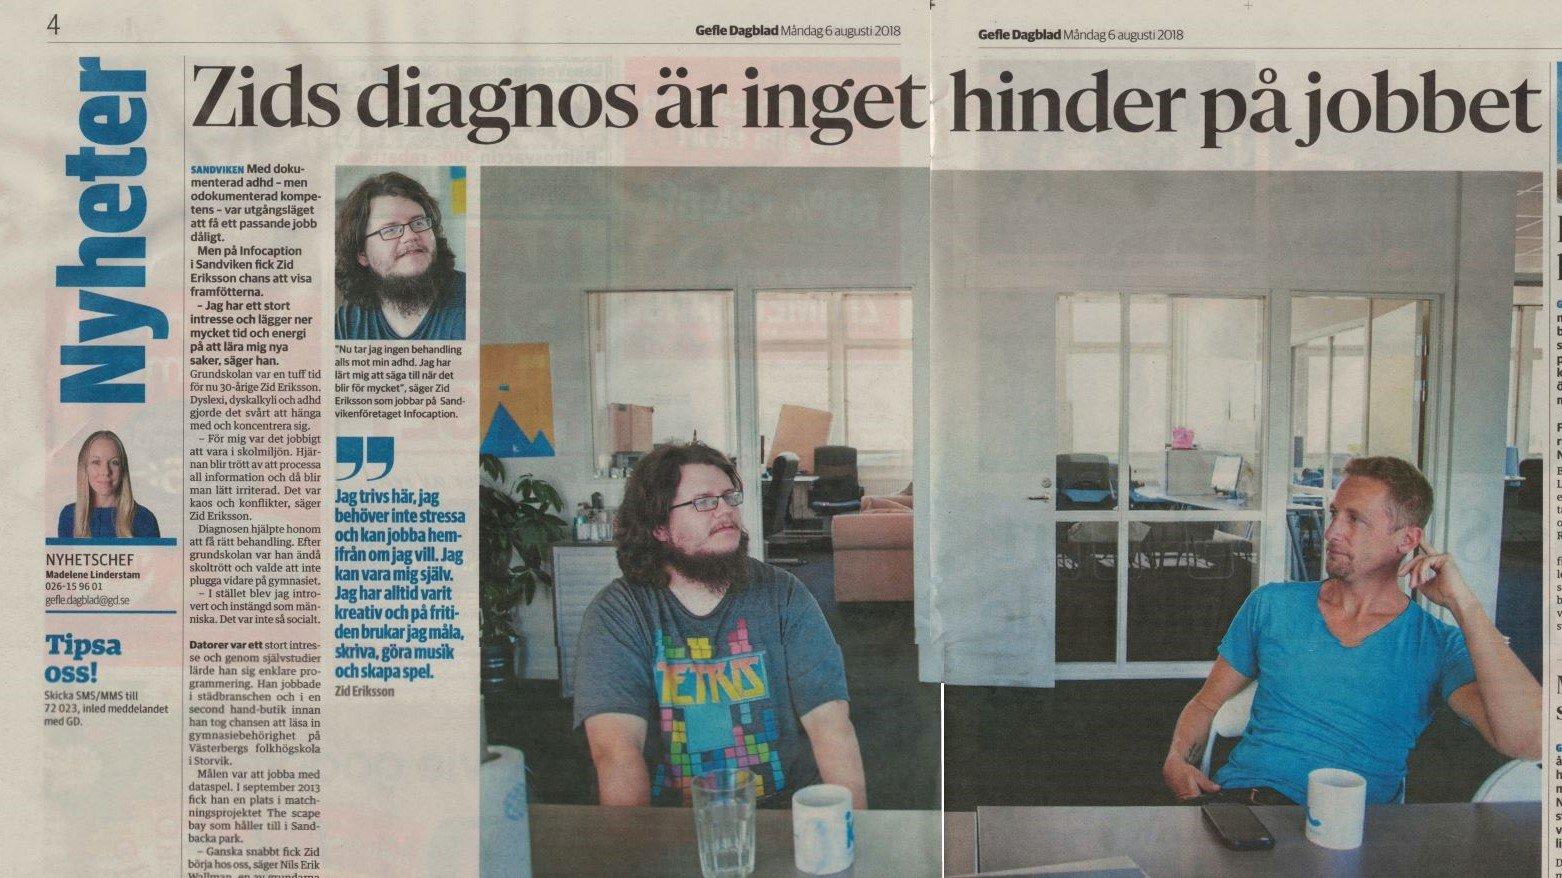 """Foto av en tidningsartikel med rubriken """"Zids diagnos är inget hinder på jobbet""""."""